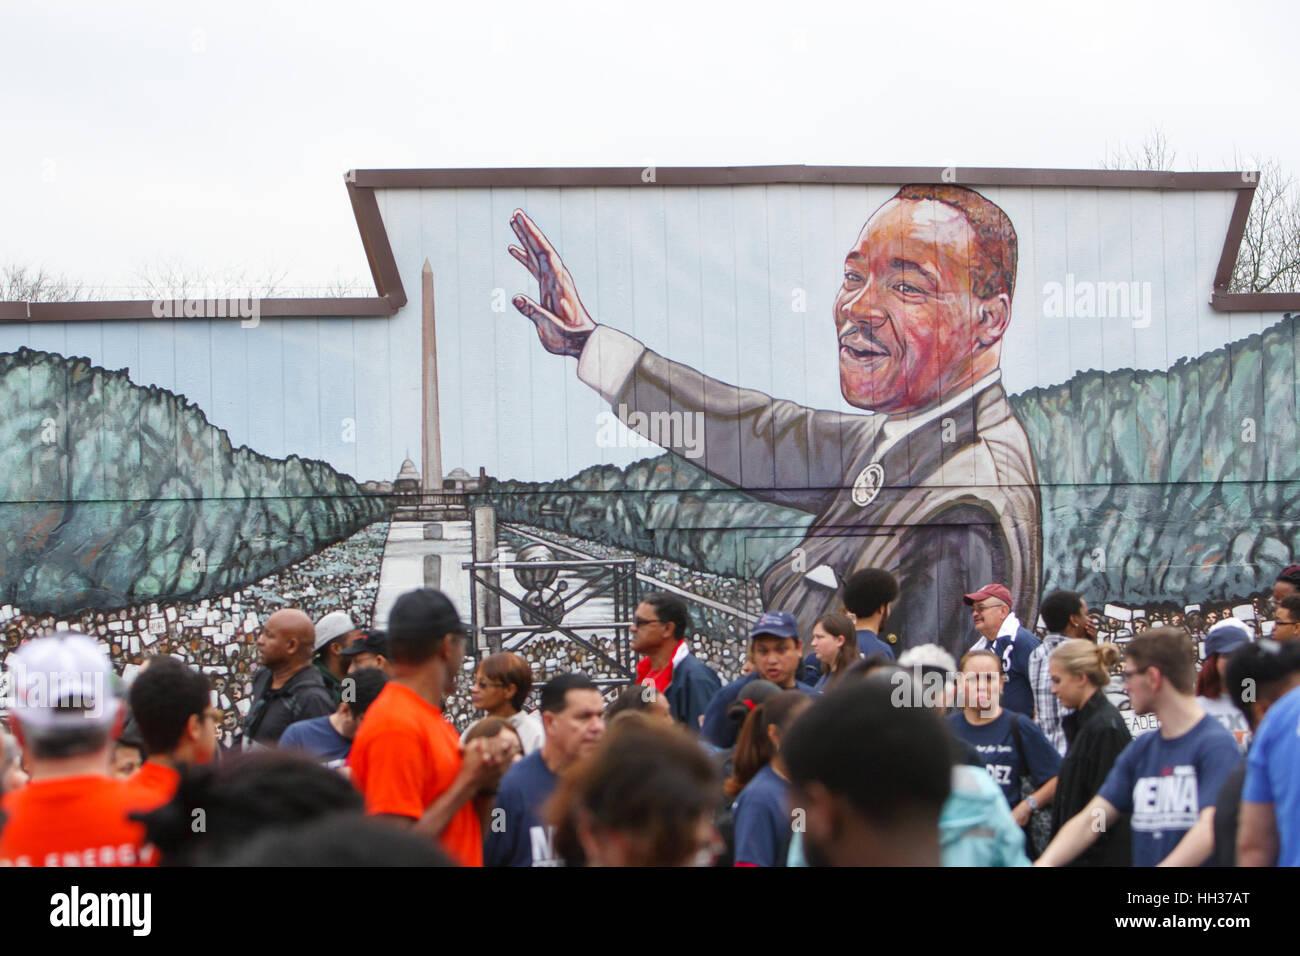 San Antonio, USA. 16. Januar 2017. Demonstranten stehen vor ein Wandbild von Martin Luther King, Jr., bevor die Stockfoto